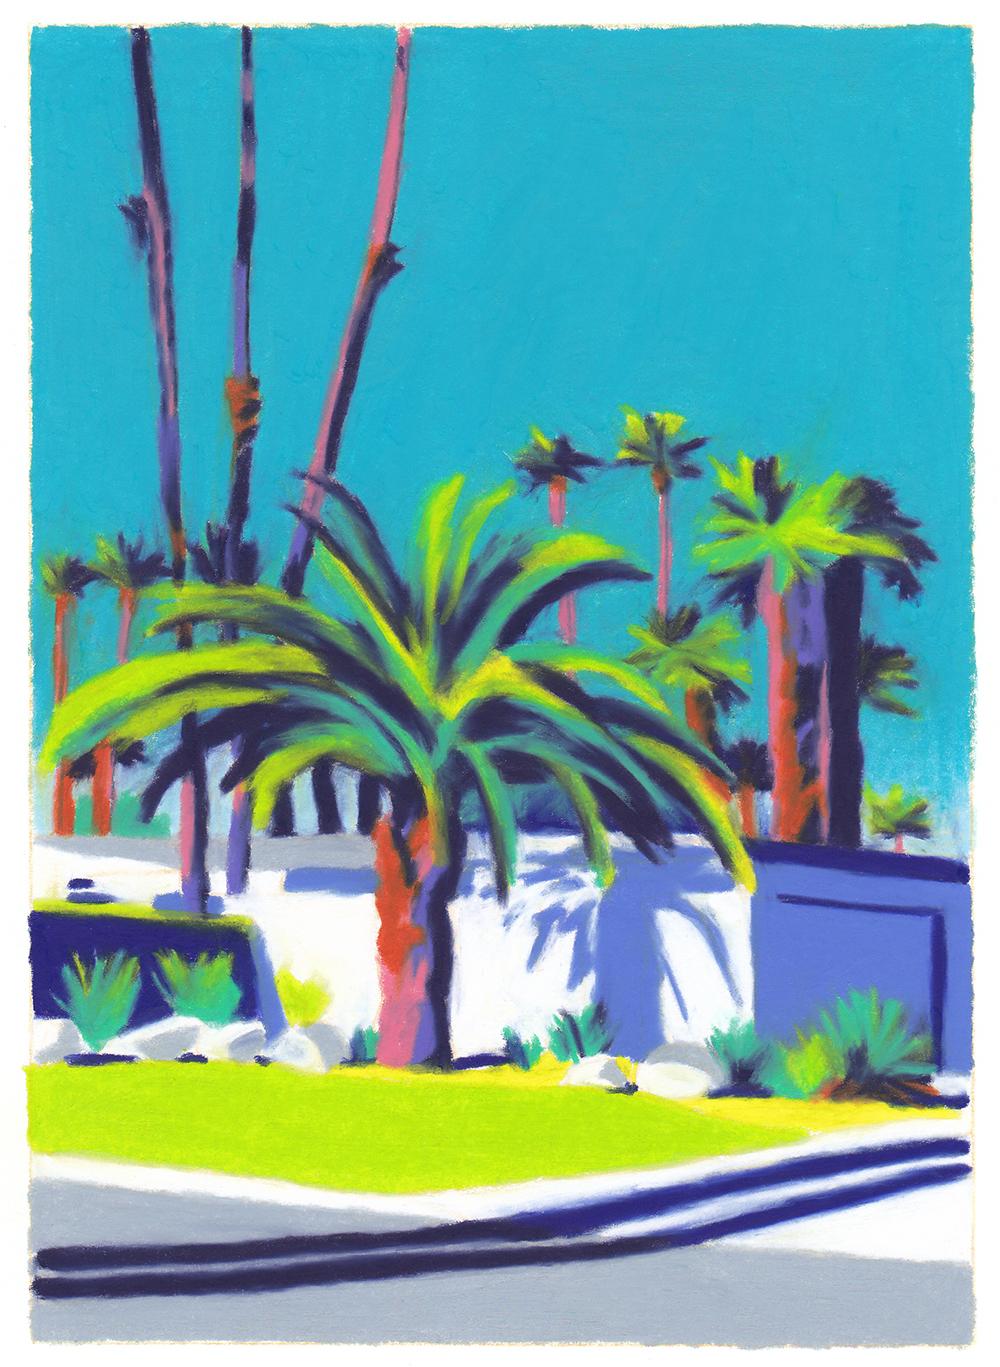 villa californienne ciel bleu palmiers murs blancs